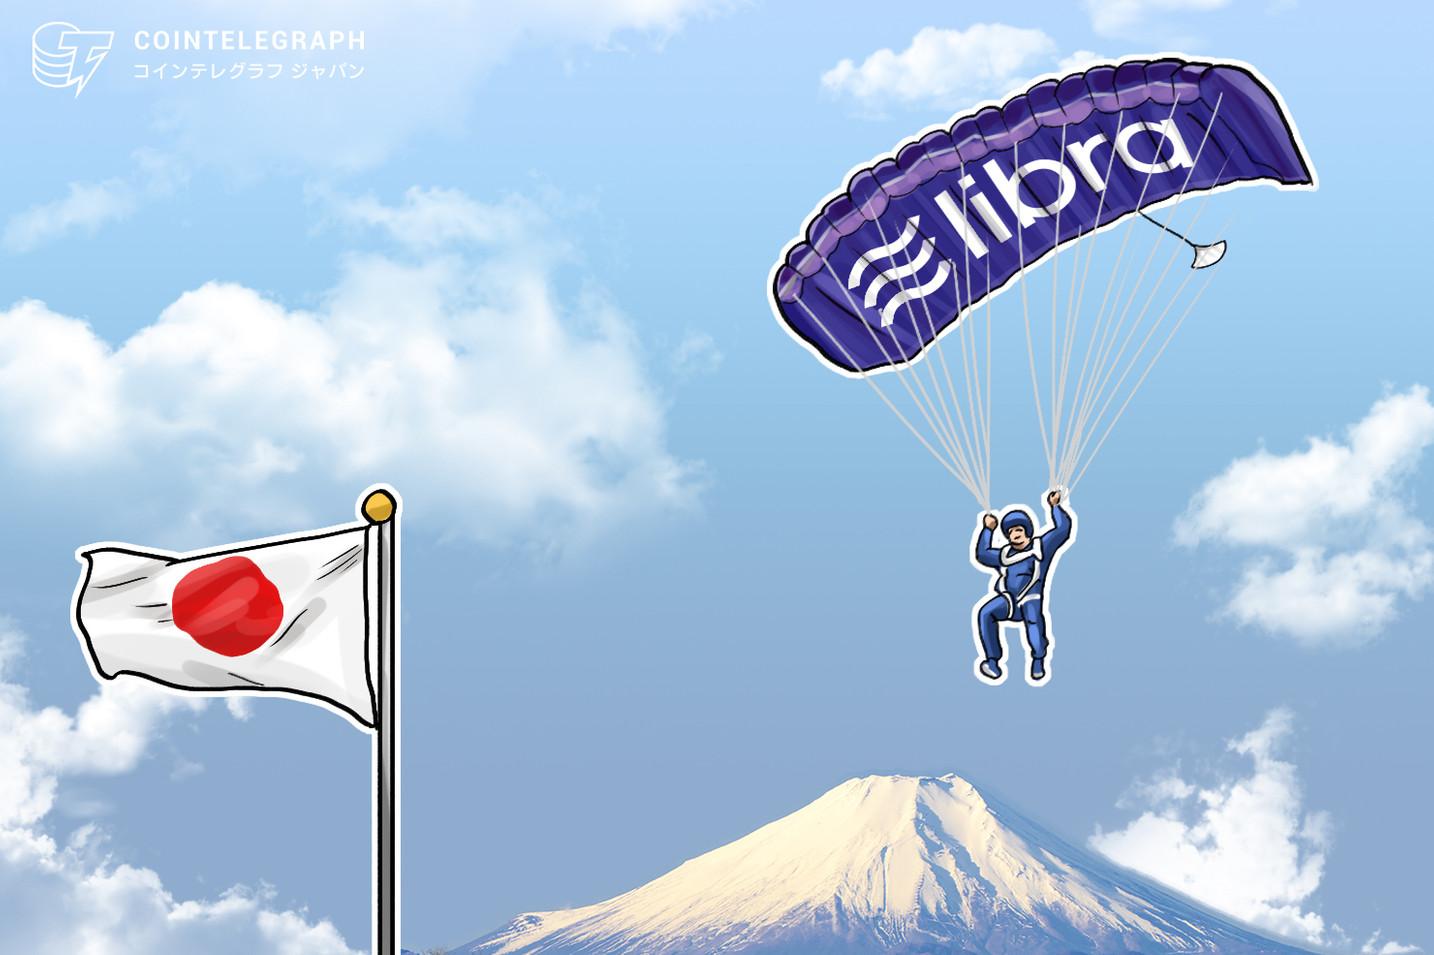 【参院選と仮想通貨】日本がリブラで世界から取り残される可能性も? 藤巻氏が税制面での課題を指摘